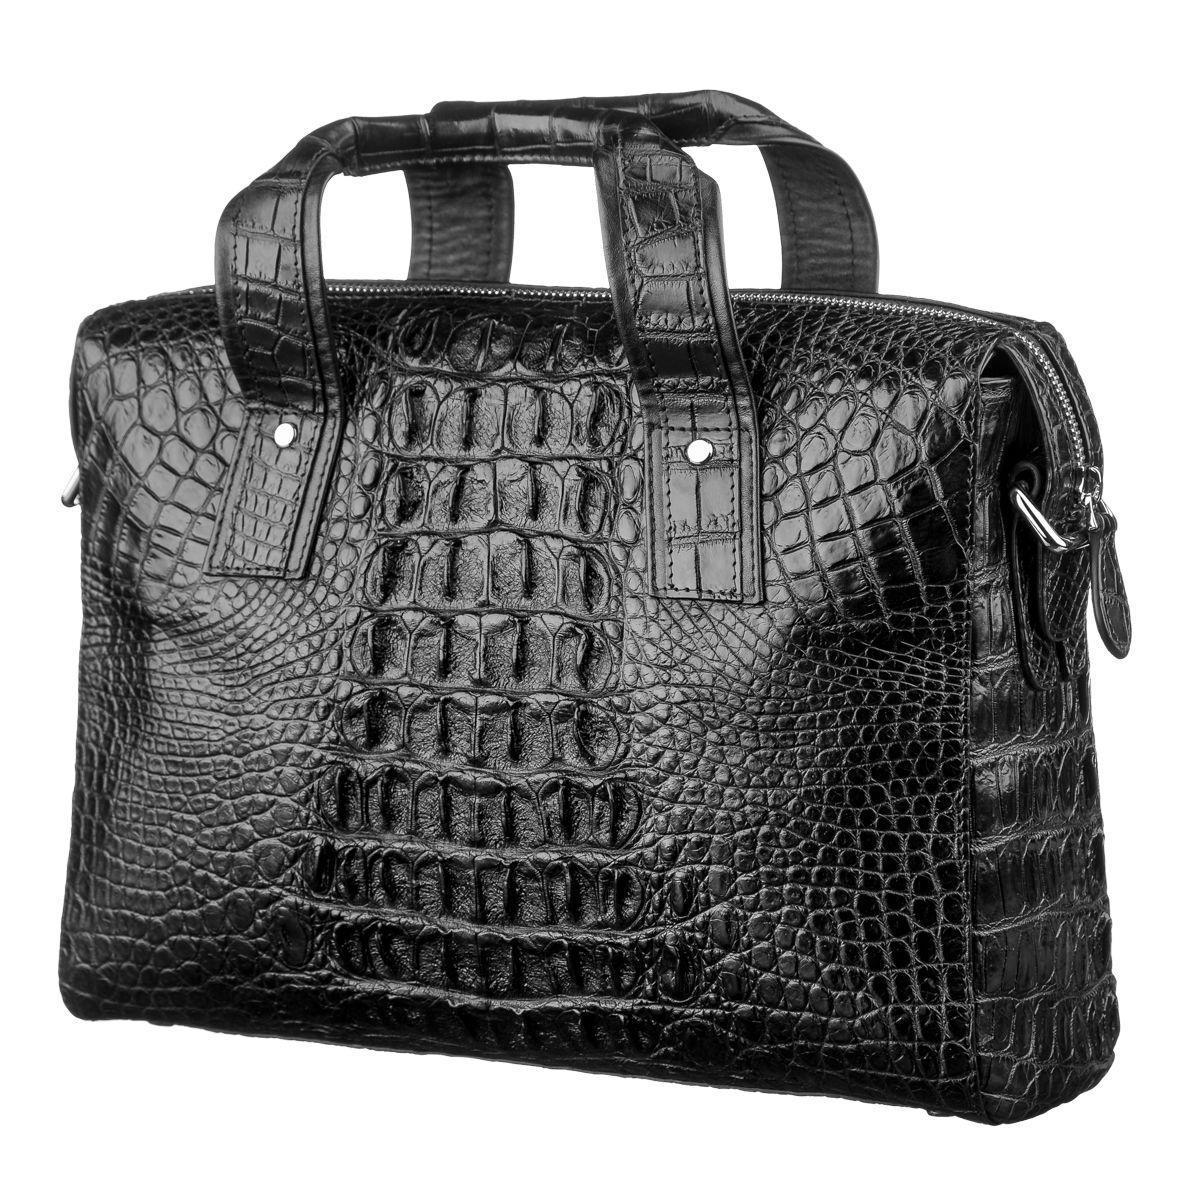 Сумка Crocodile Leather 18022 Из Натуральной Кожи Крокодила Черная, Черный